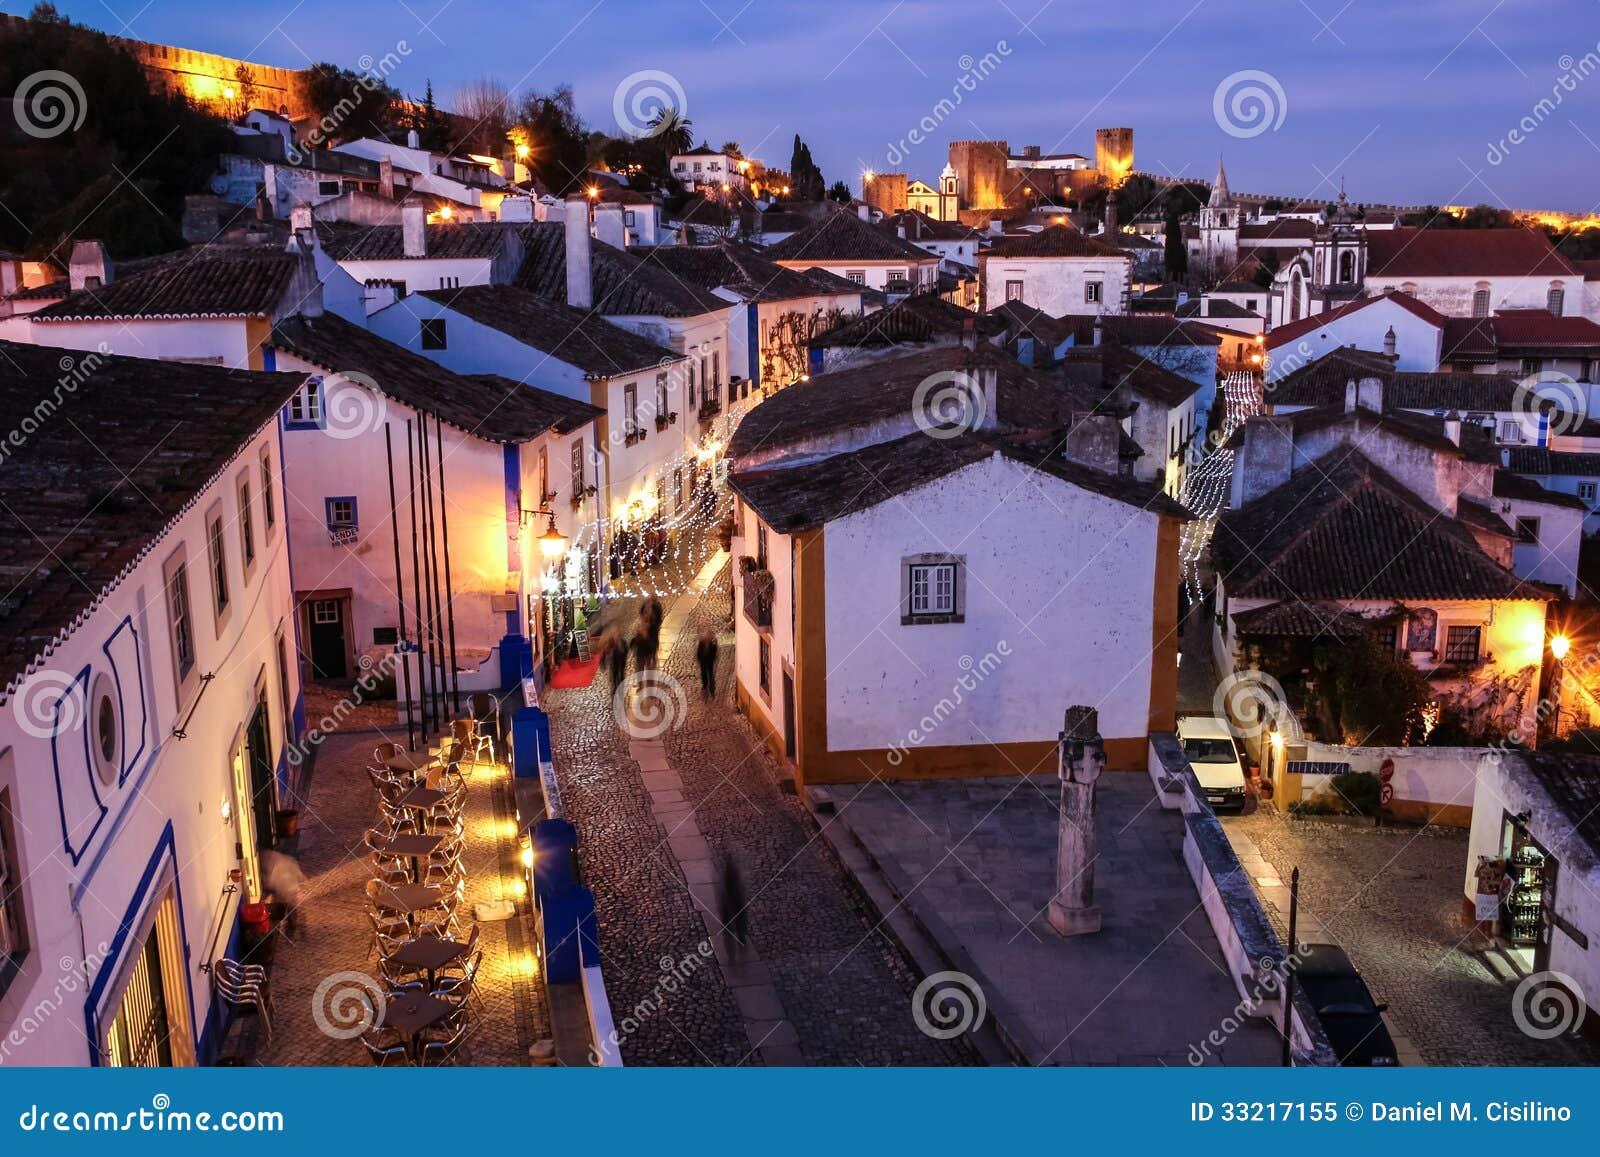 Walled Citadel At Night Obidos Portugal Royalty Free